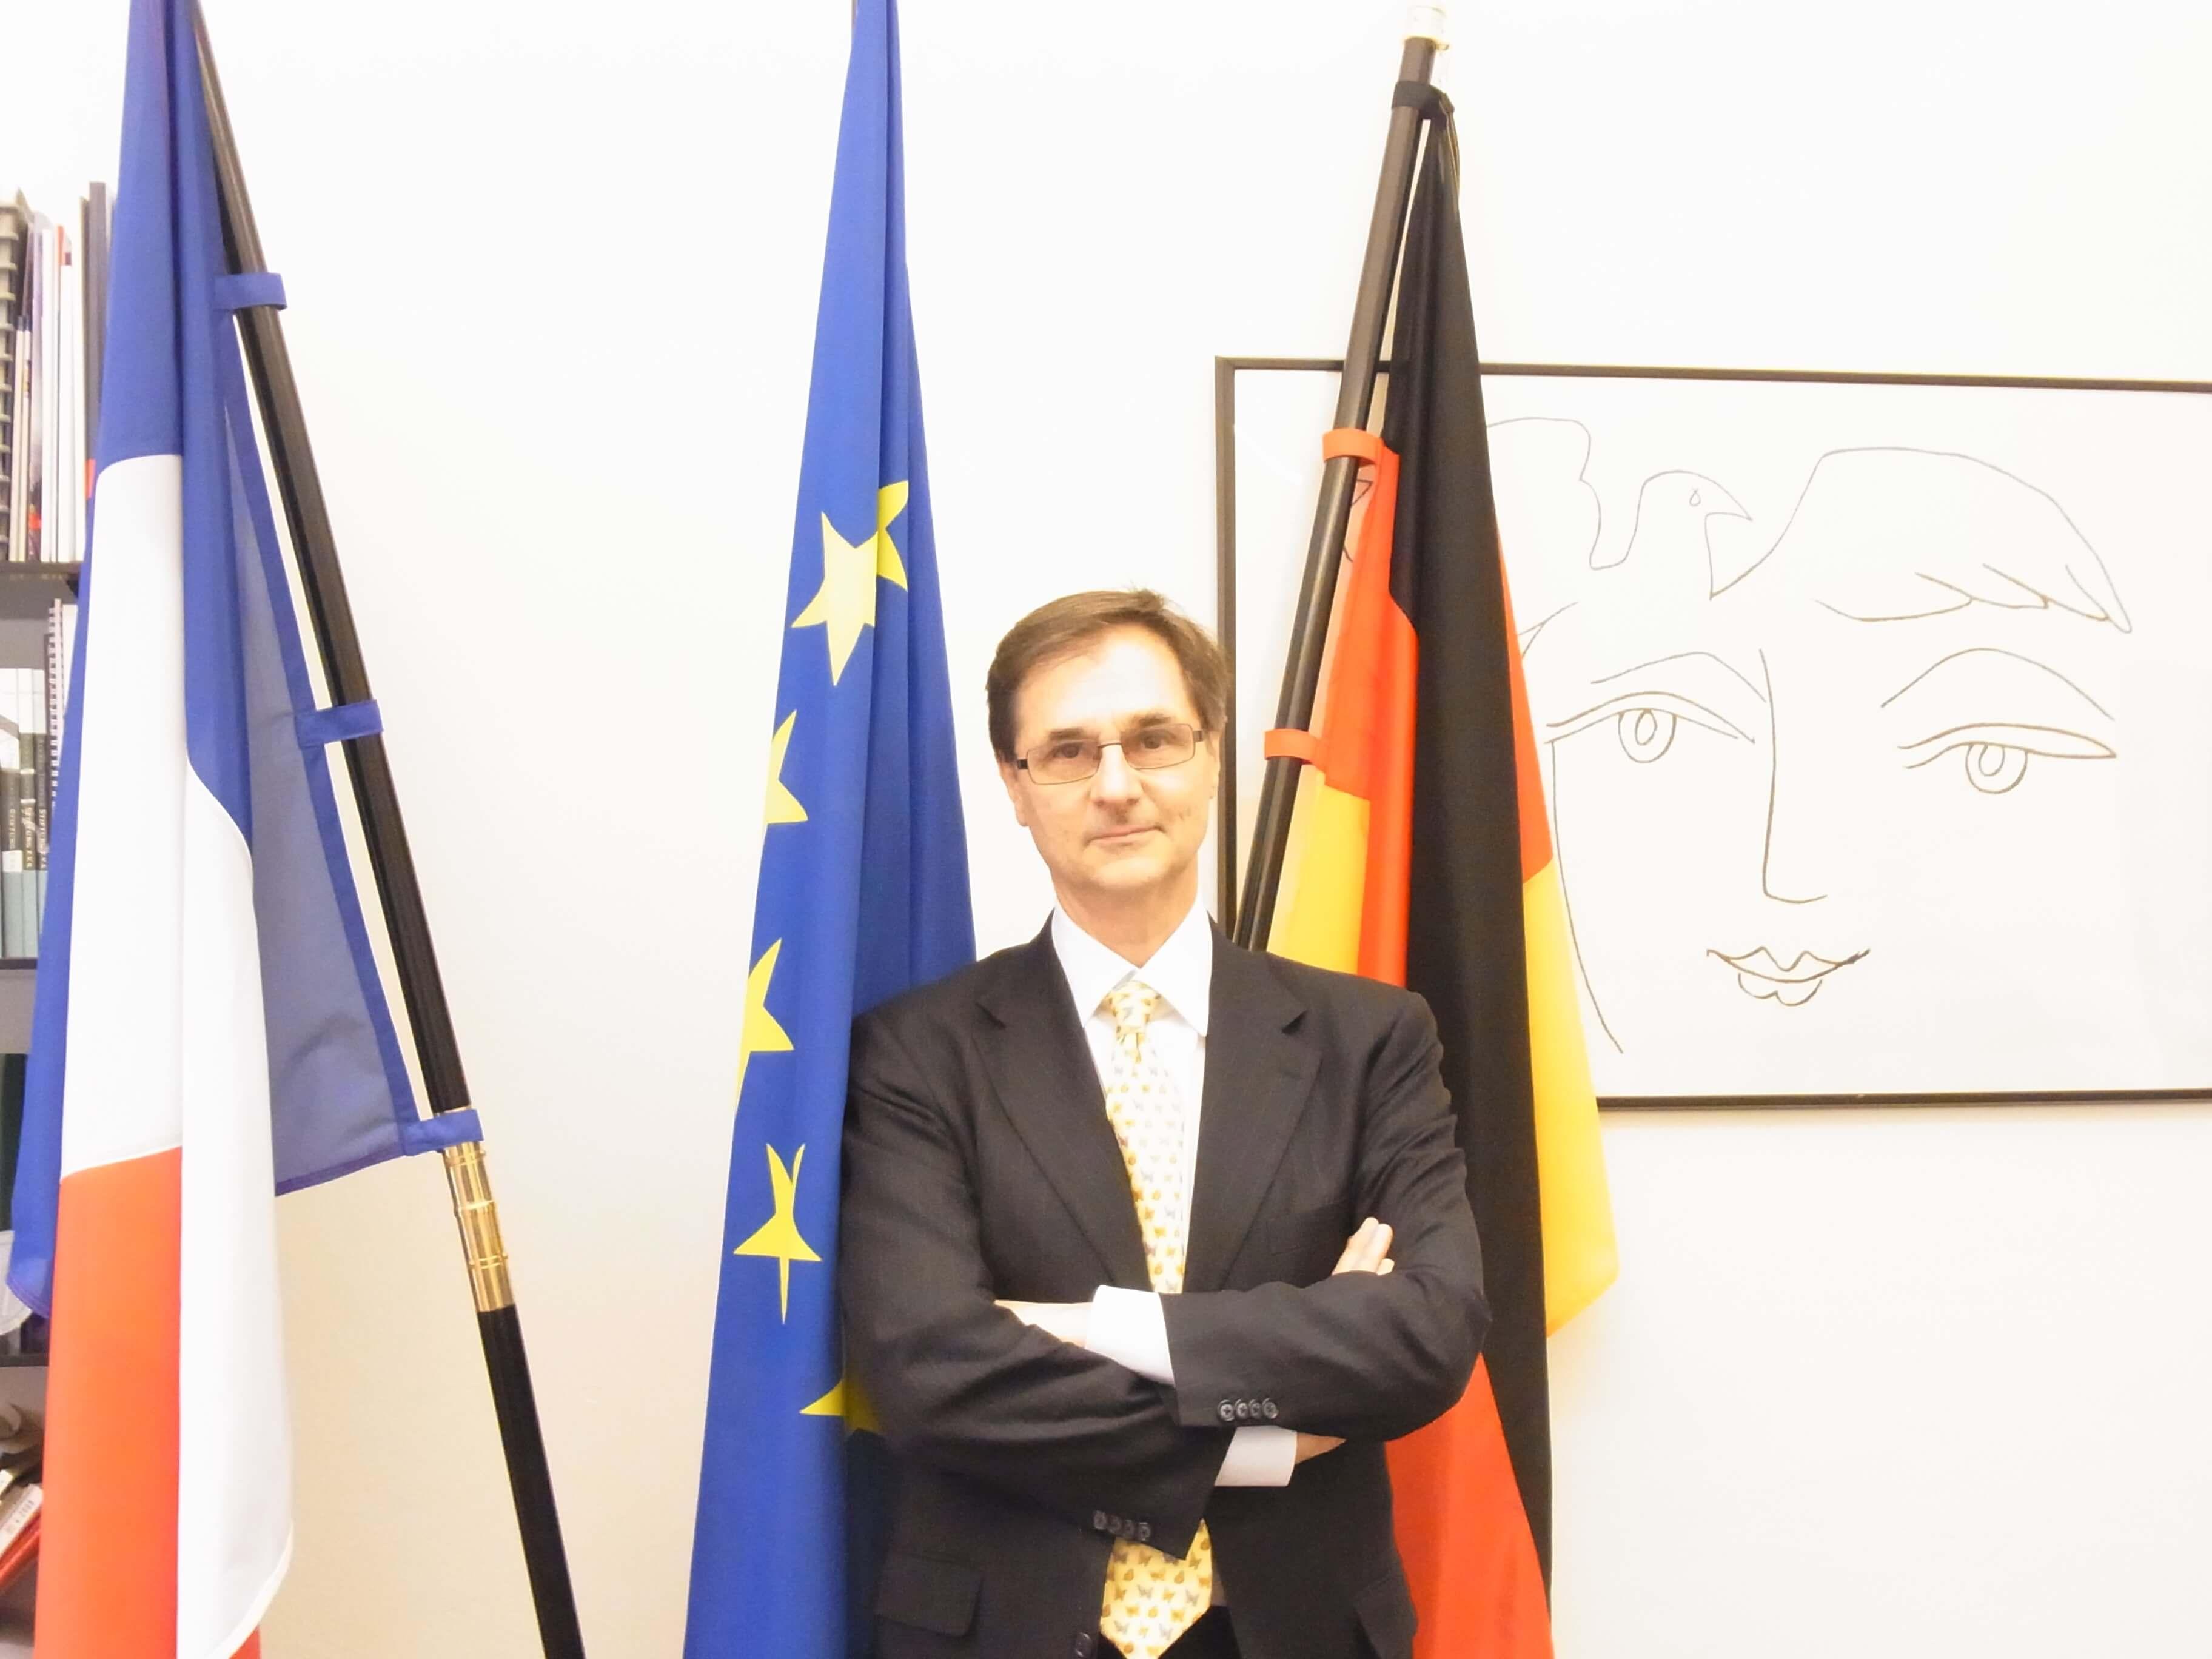 Monsieur le Consul Général de la République Française, Serge Lavroff offizielles Foto: Vive l'amitié franco-allemande, vive l'Europe